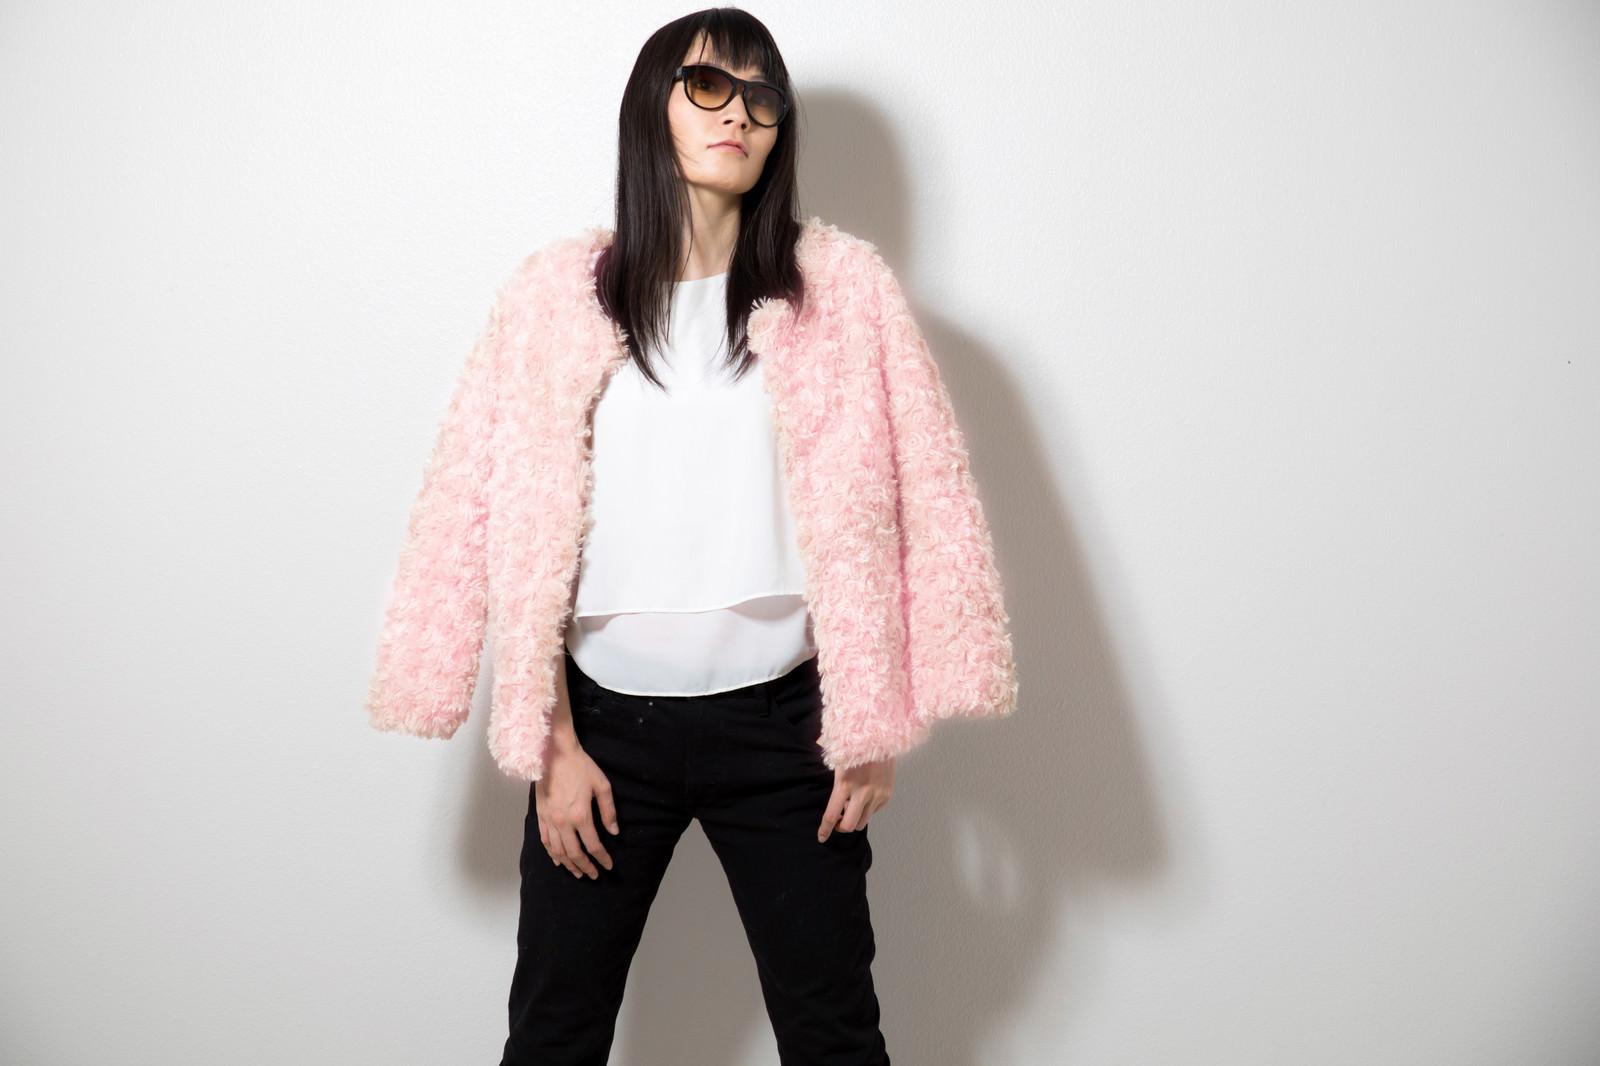 「ピンク色のプードルコートを着た女性」の写真[モデル:たけべともこ]